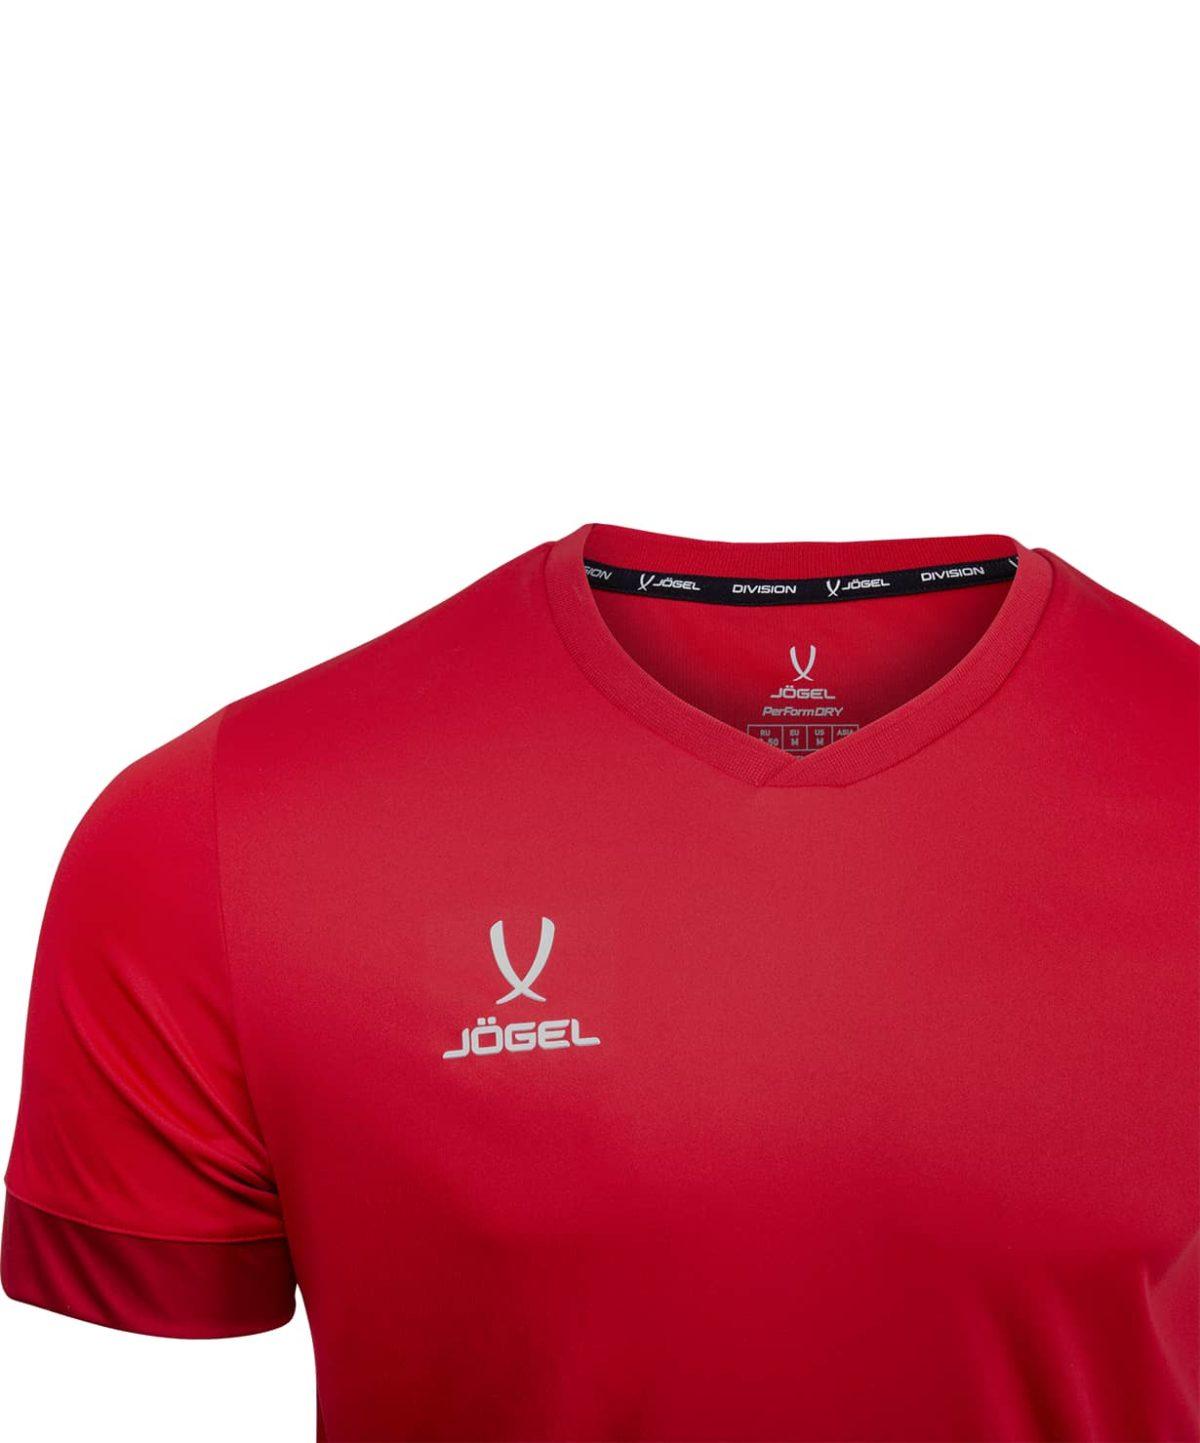 JOGEL DIVISION футболка футбольная детская  Union Jersey: т.красный/белый - 3